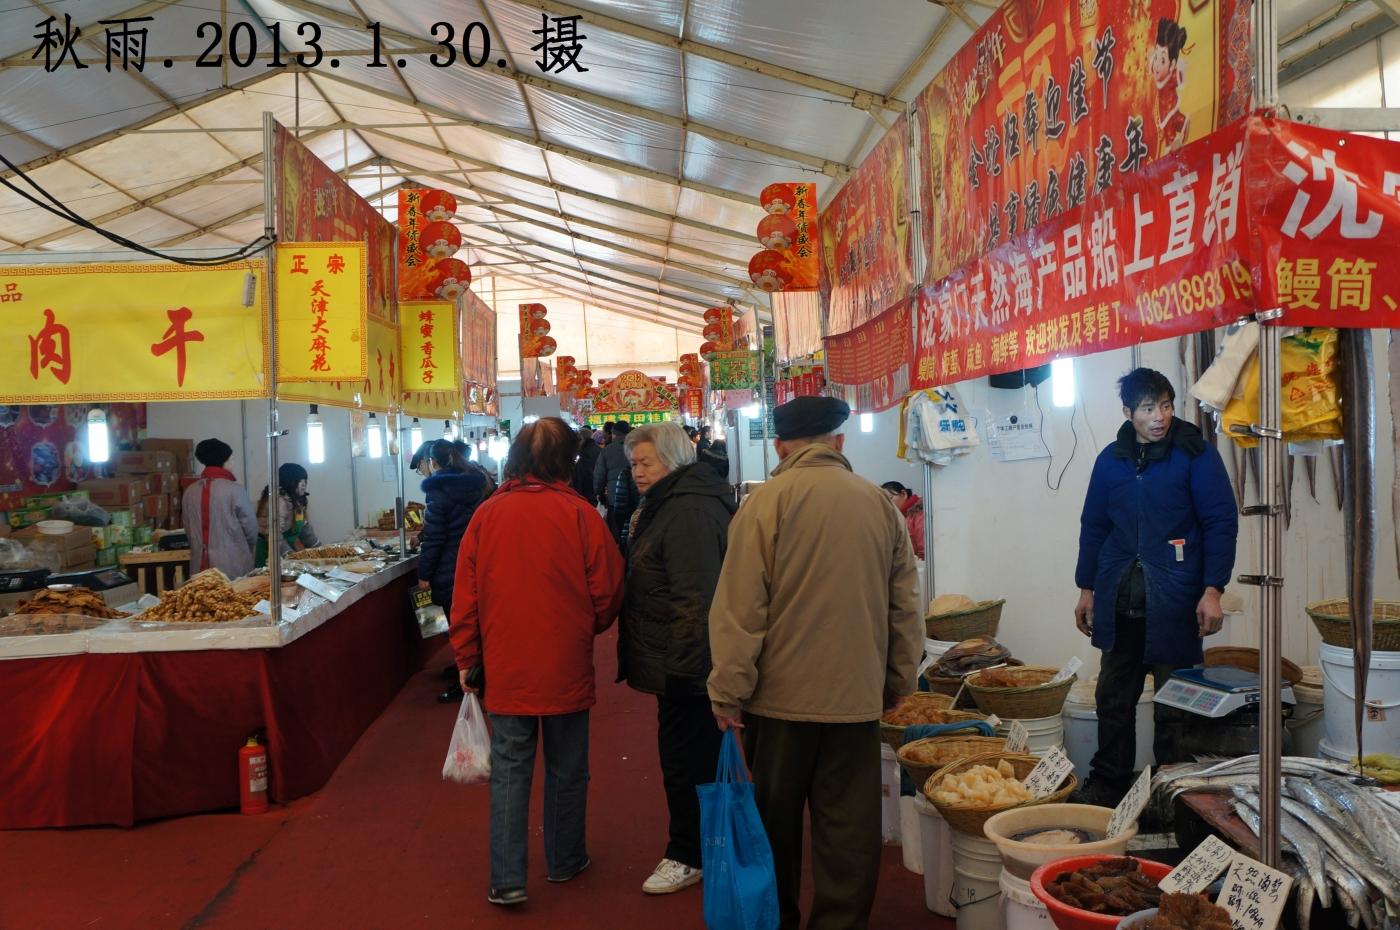 迎新春年货展销会(摄影原创)_图1-10